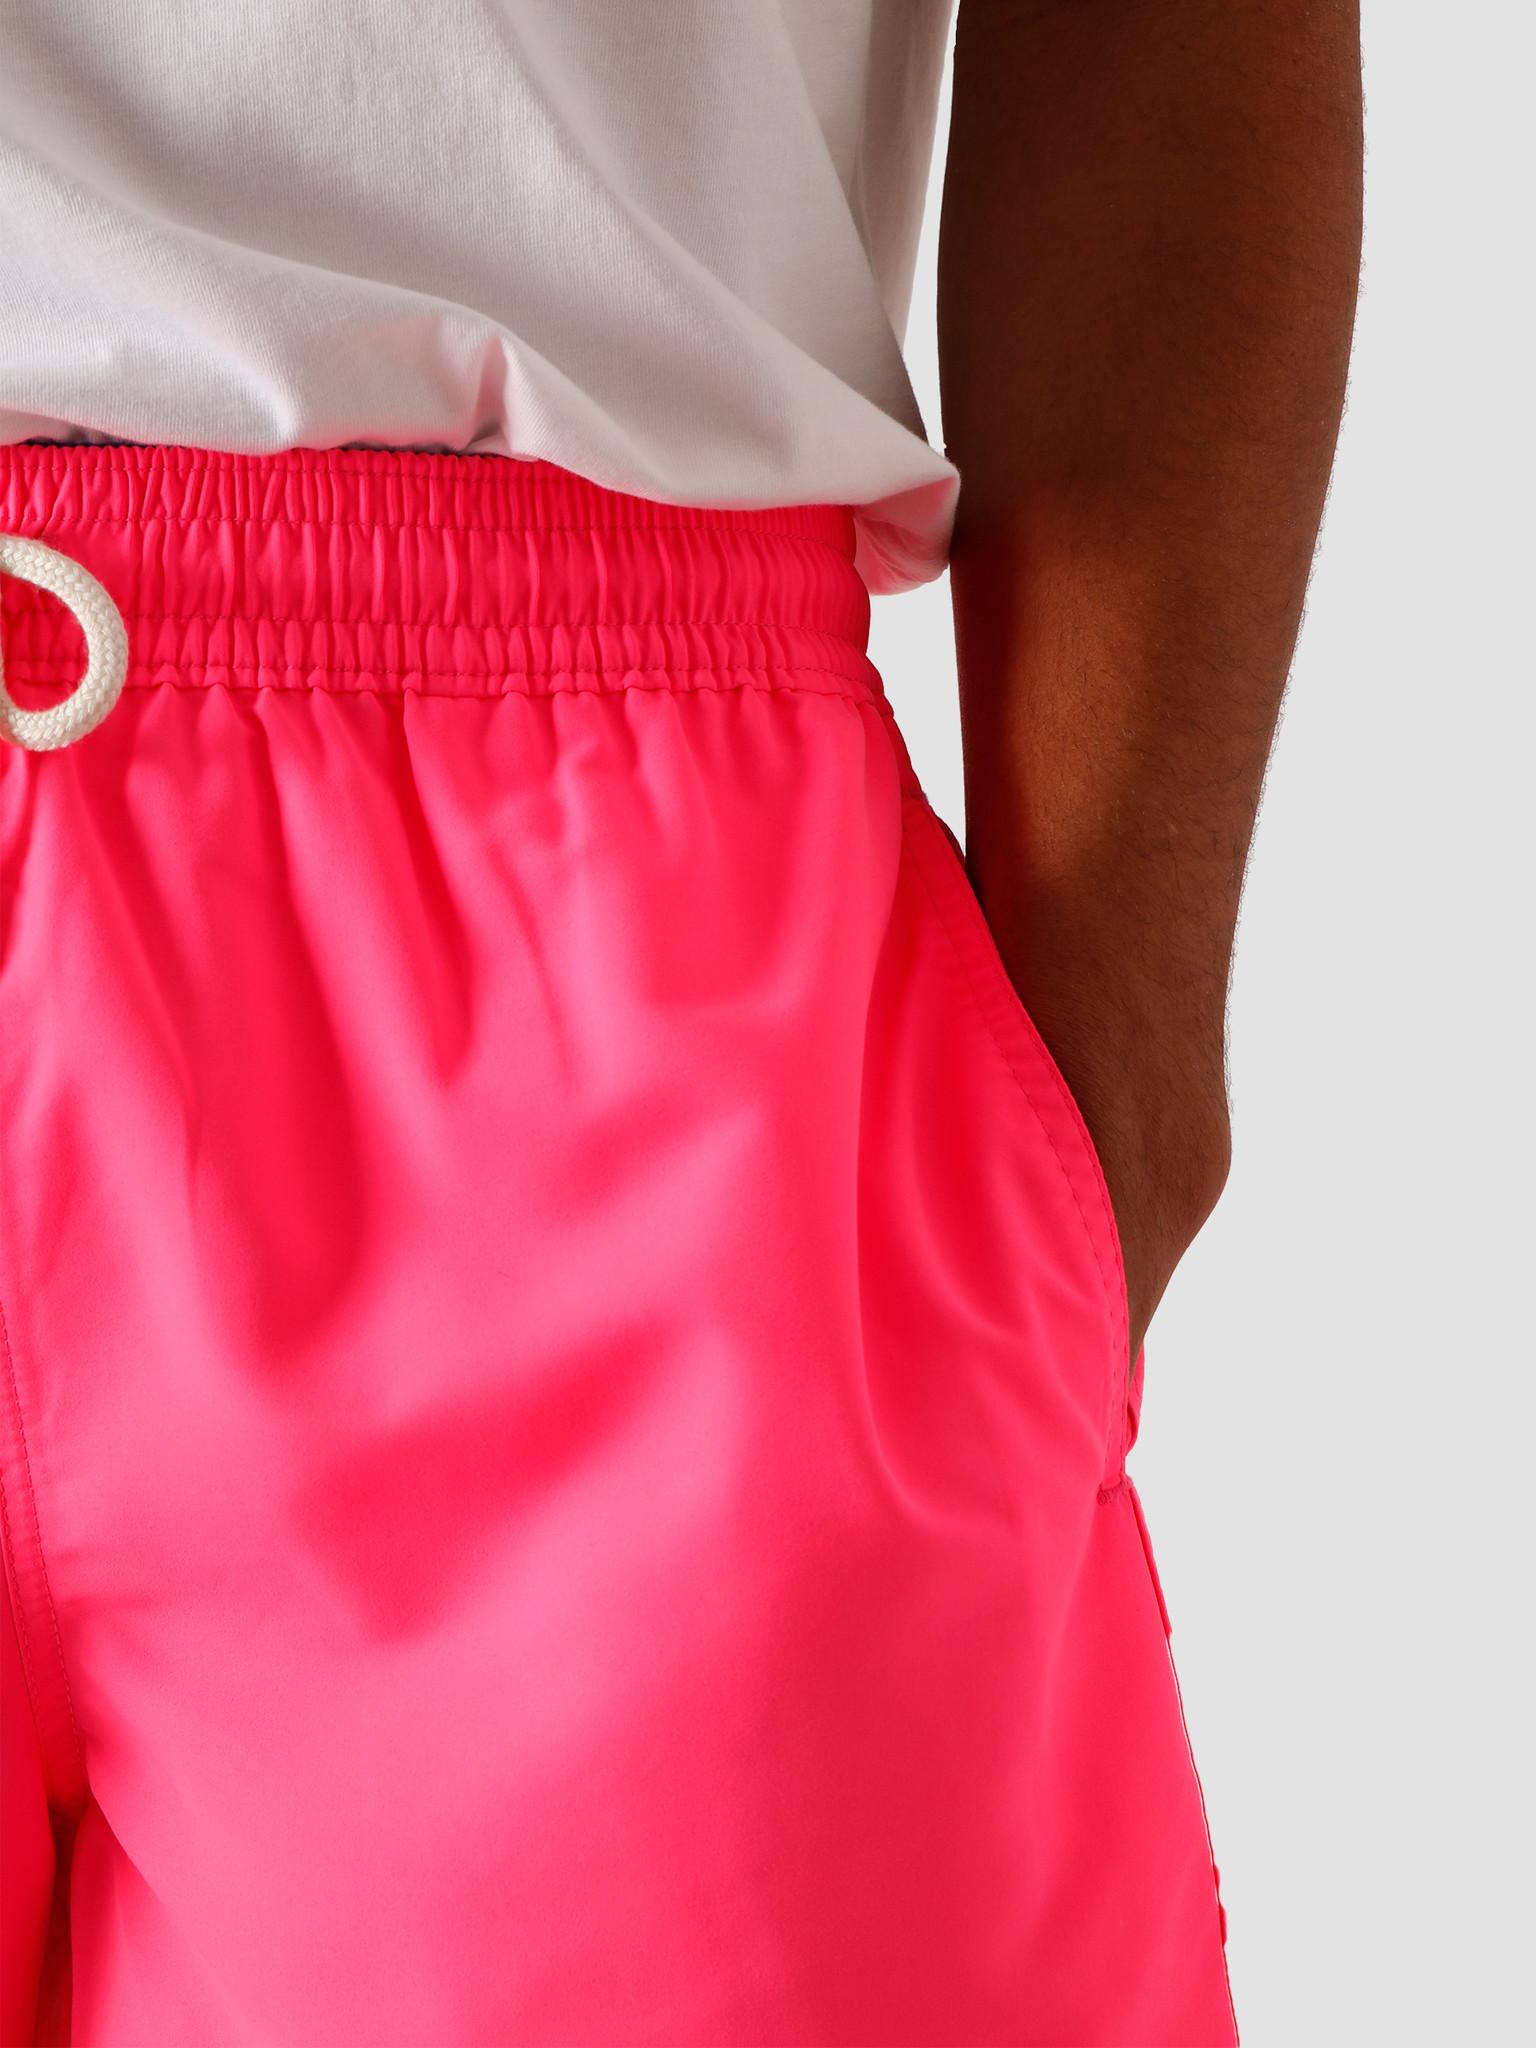 Polo Ralph Lauren Polo Ralph Lauren Traveler Short Blaze Knockout Pink 710799480002